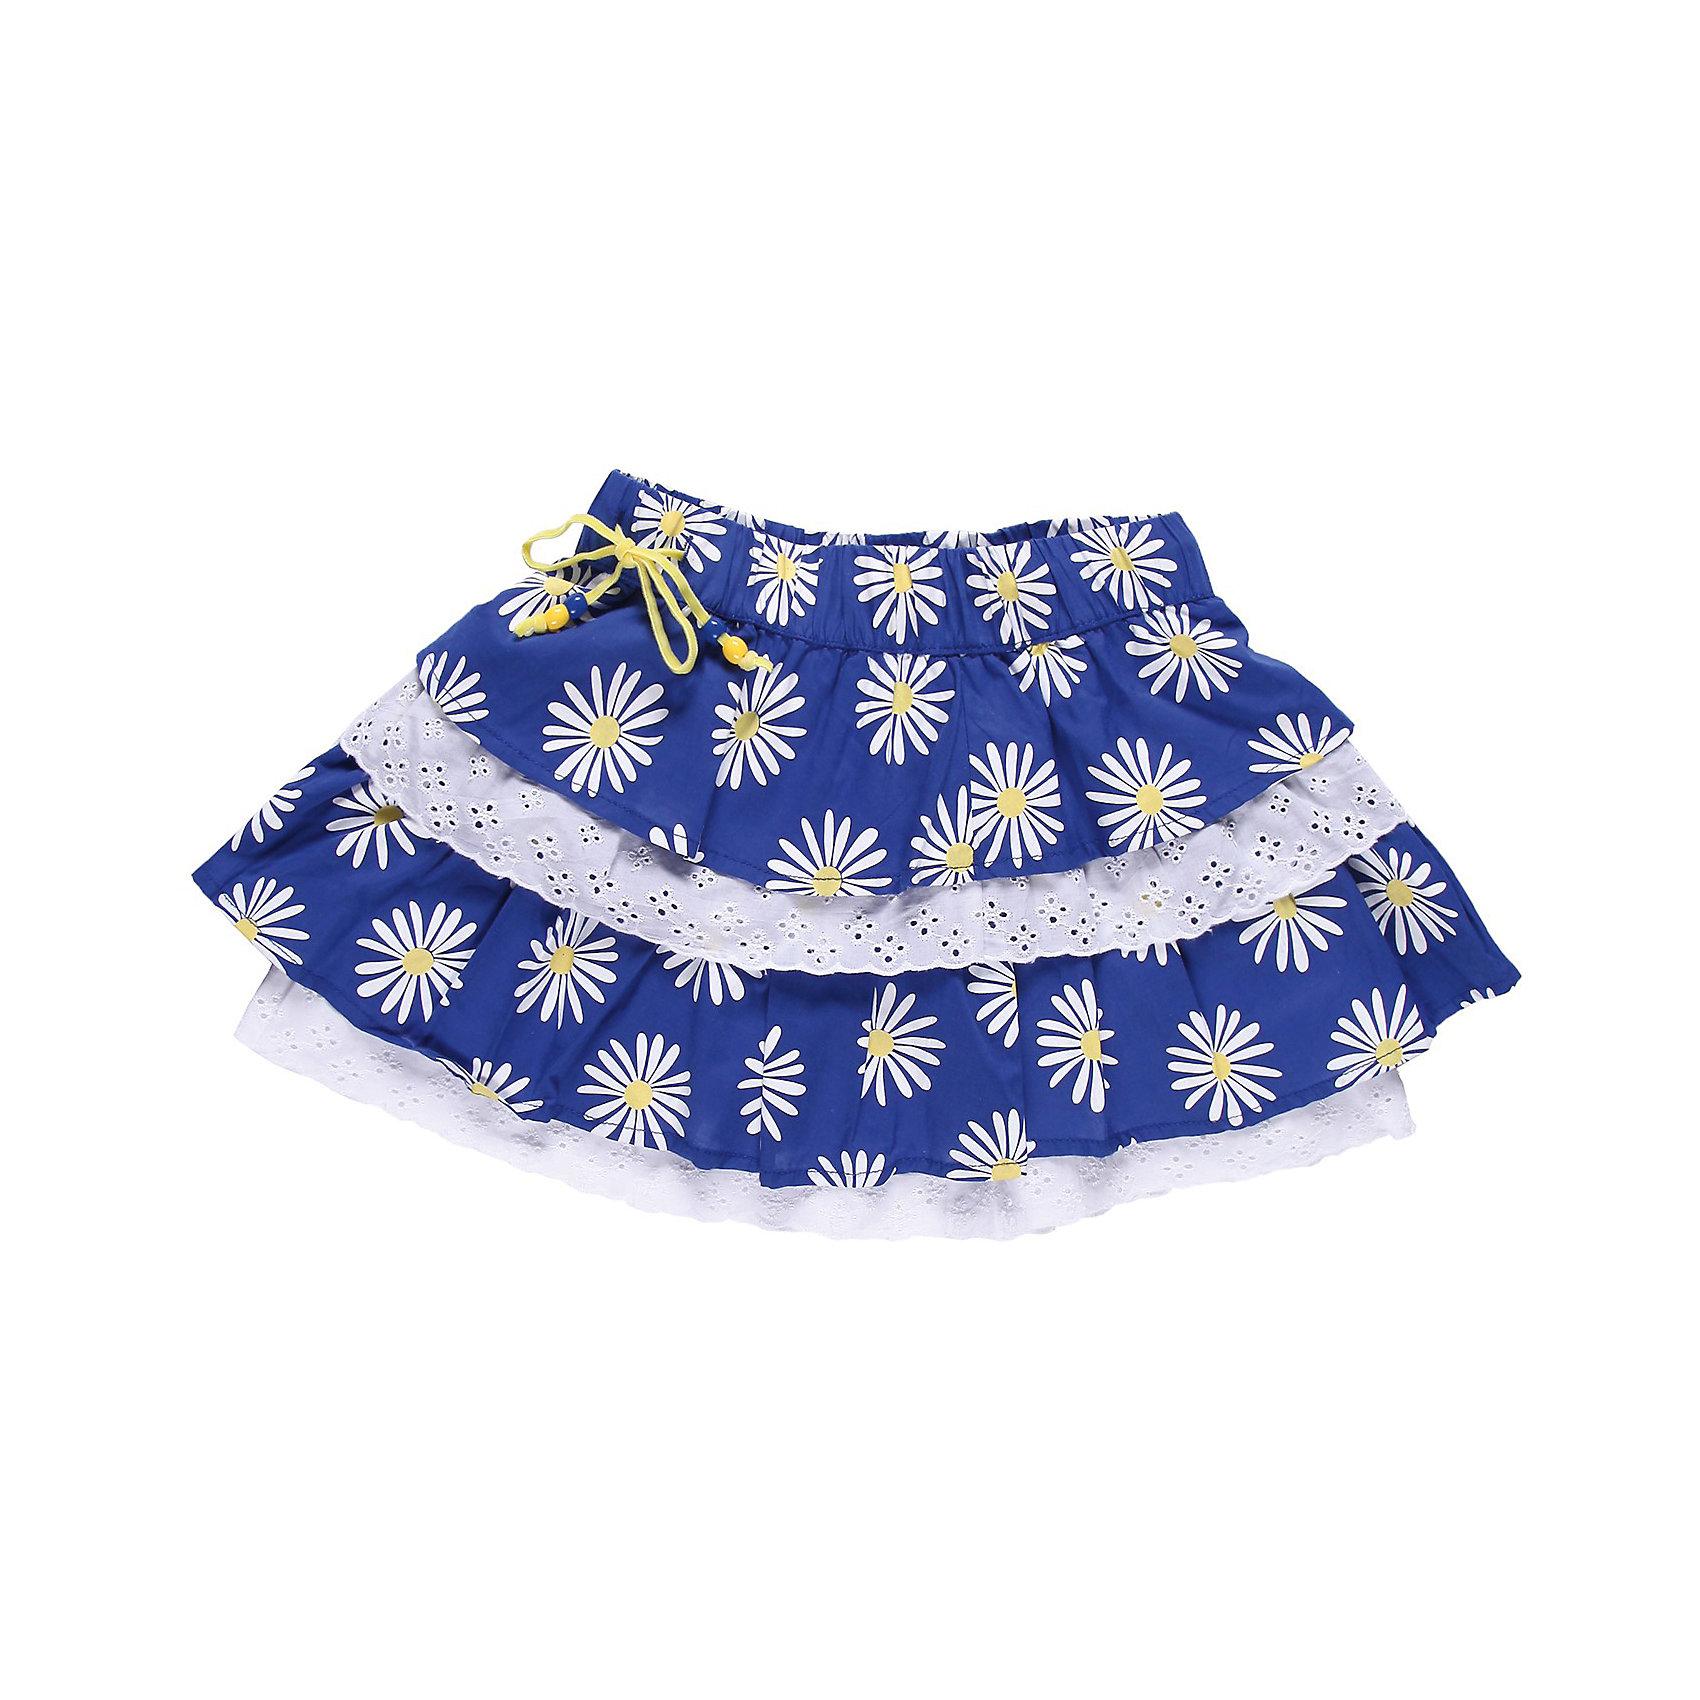 Юбка для девочки Sweet BerryЮбки<br>Стильная юбка на девочку из тонкого принтованного хлопка, два широких волана украшены ажурным шитьем, пояс на резинке.<br>Состав:<br>100% хлопок<br><br>Ширина мм: 207<br>Глубина мм: 10<br>Высота мм: 189<br>Вес г: 183<br>Цвет: разноцветный<br>Возраст от месяцев: 60<br>Возраст до месяцев: 72<br>Пол: Женский<br>Возраст: Детский<br>Размер: 116,128,104,98,122,110<br>SKU: 4520831